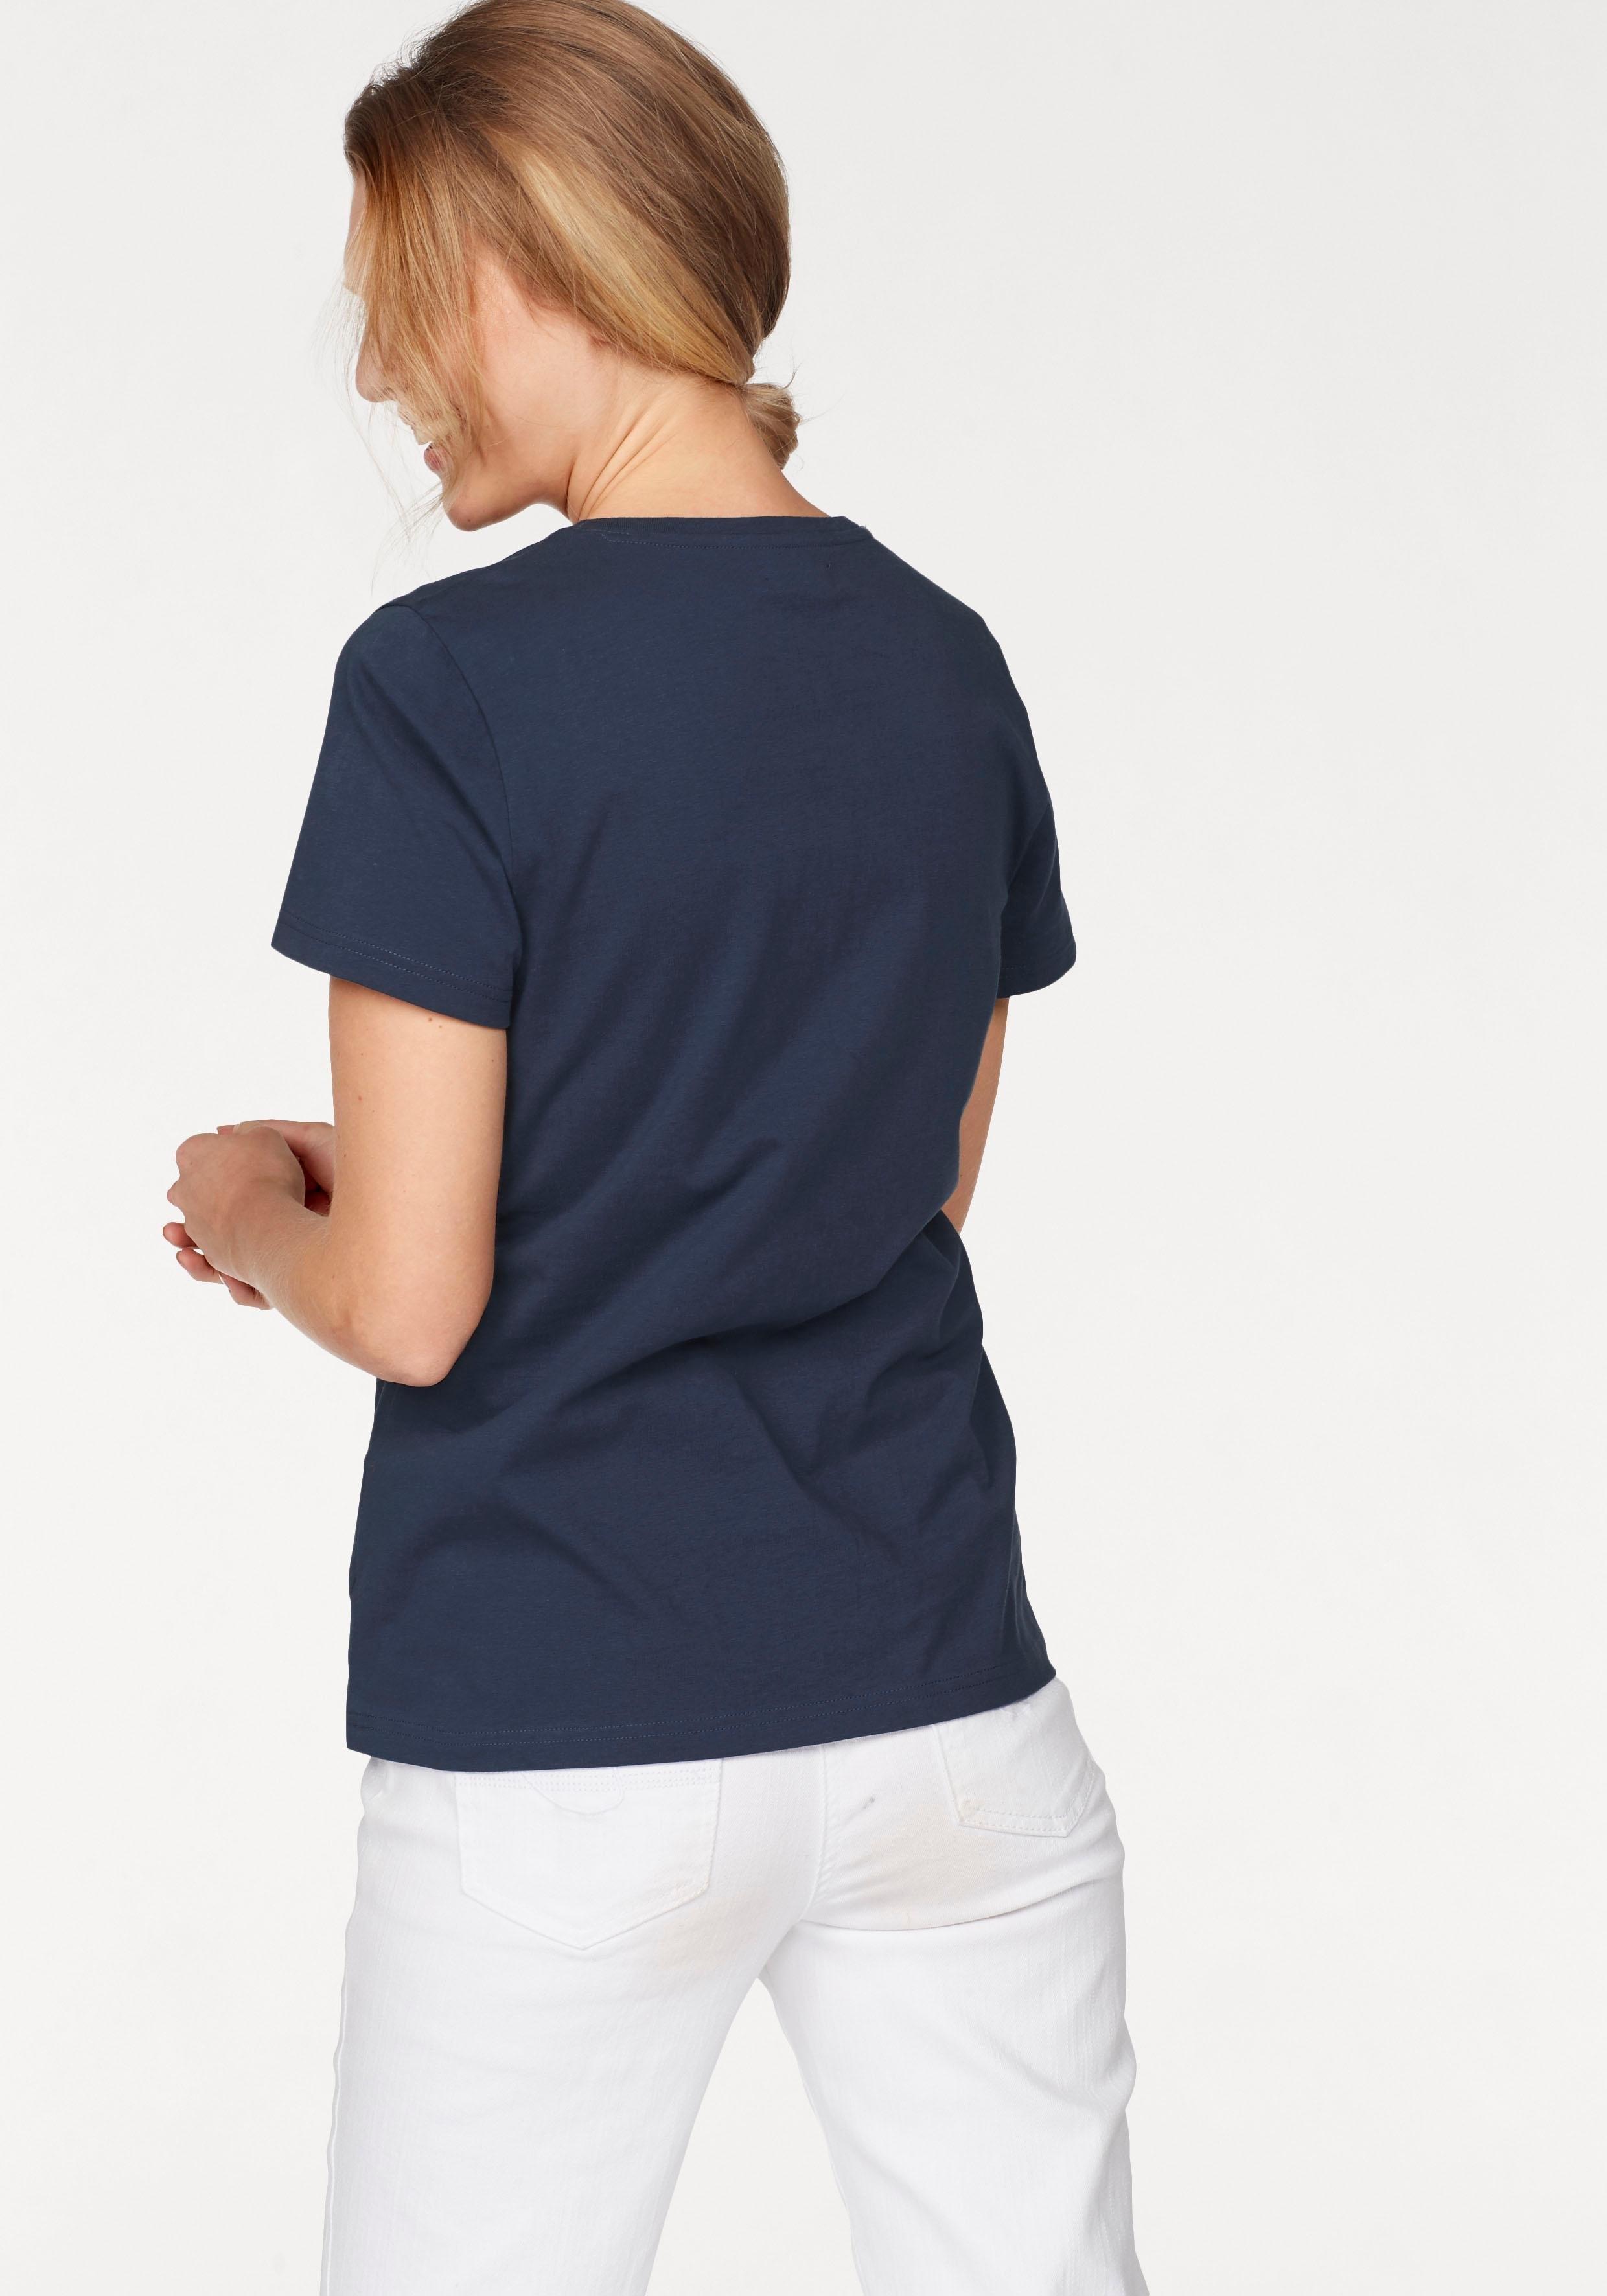 Online Cheer Cheer T Online shirt T shirt Bij XkiuOPZ